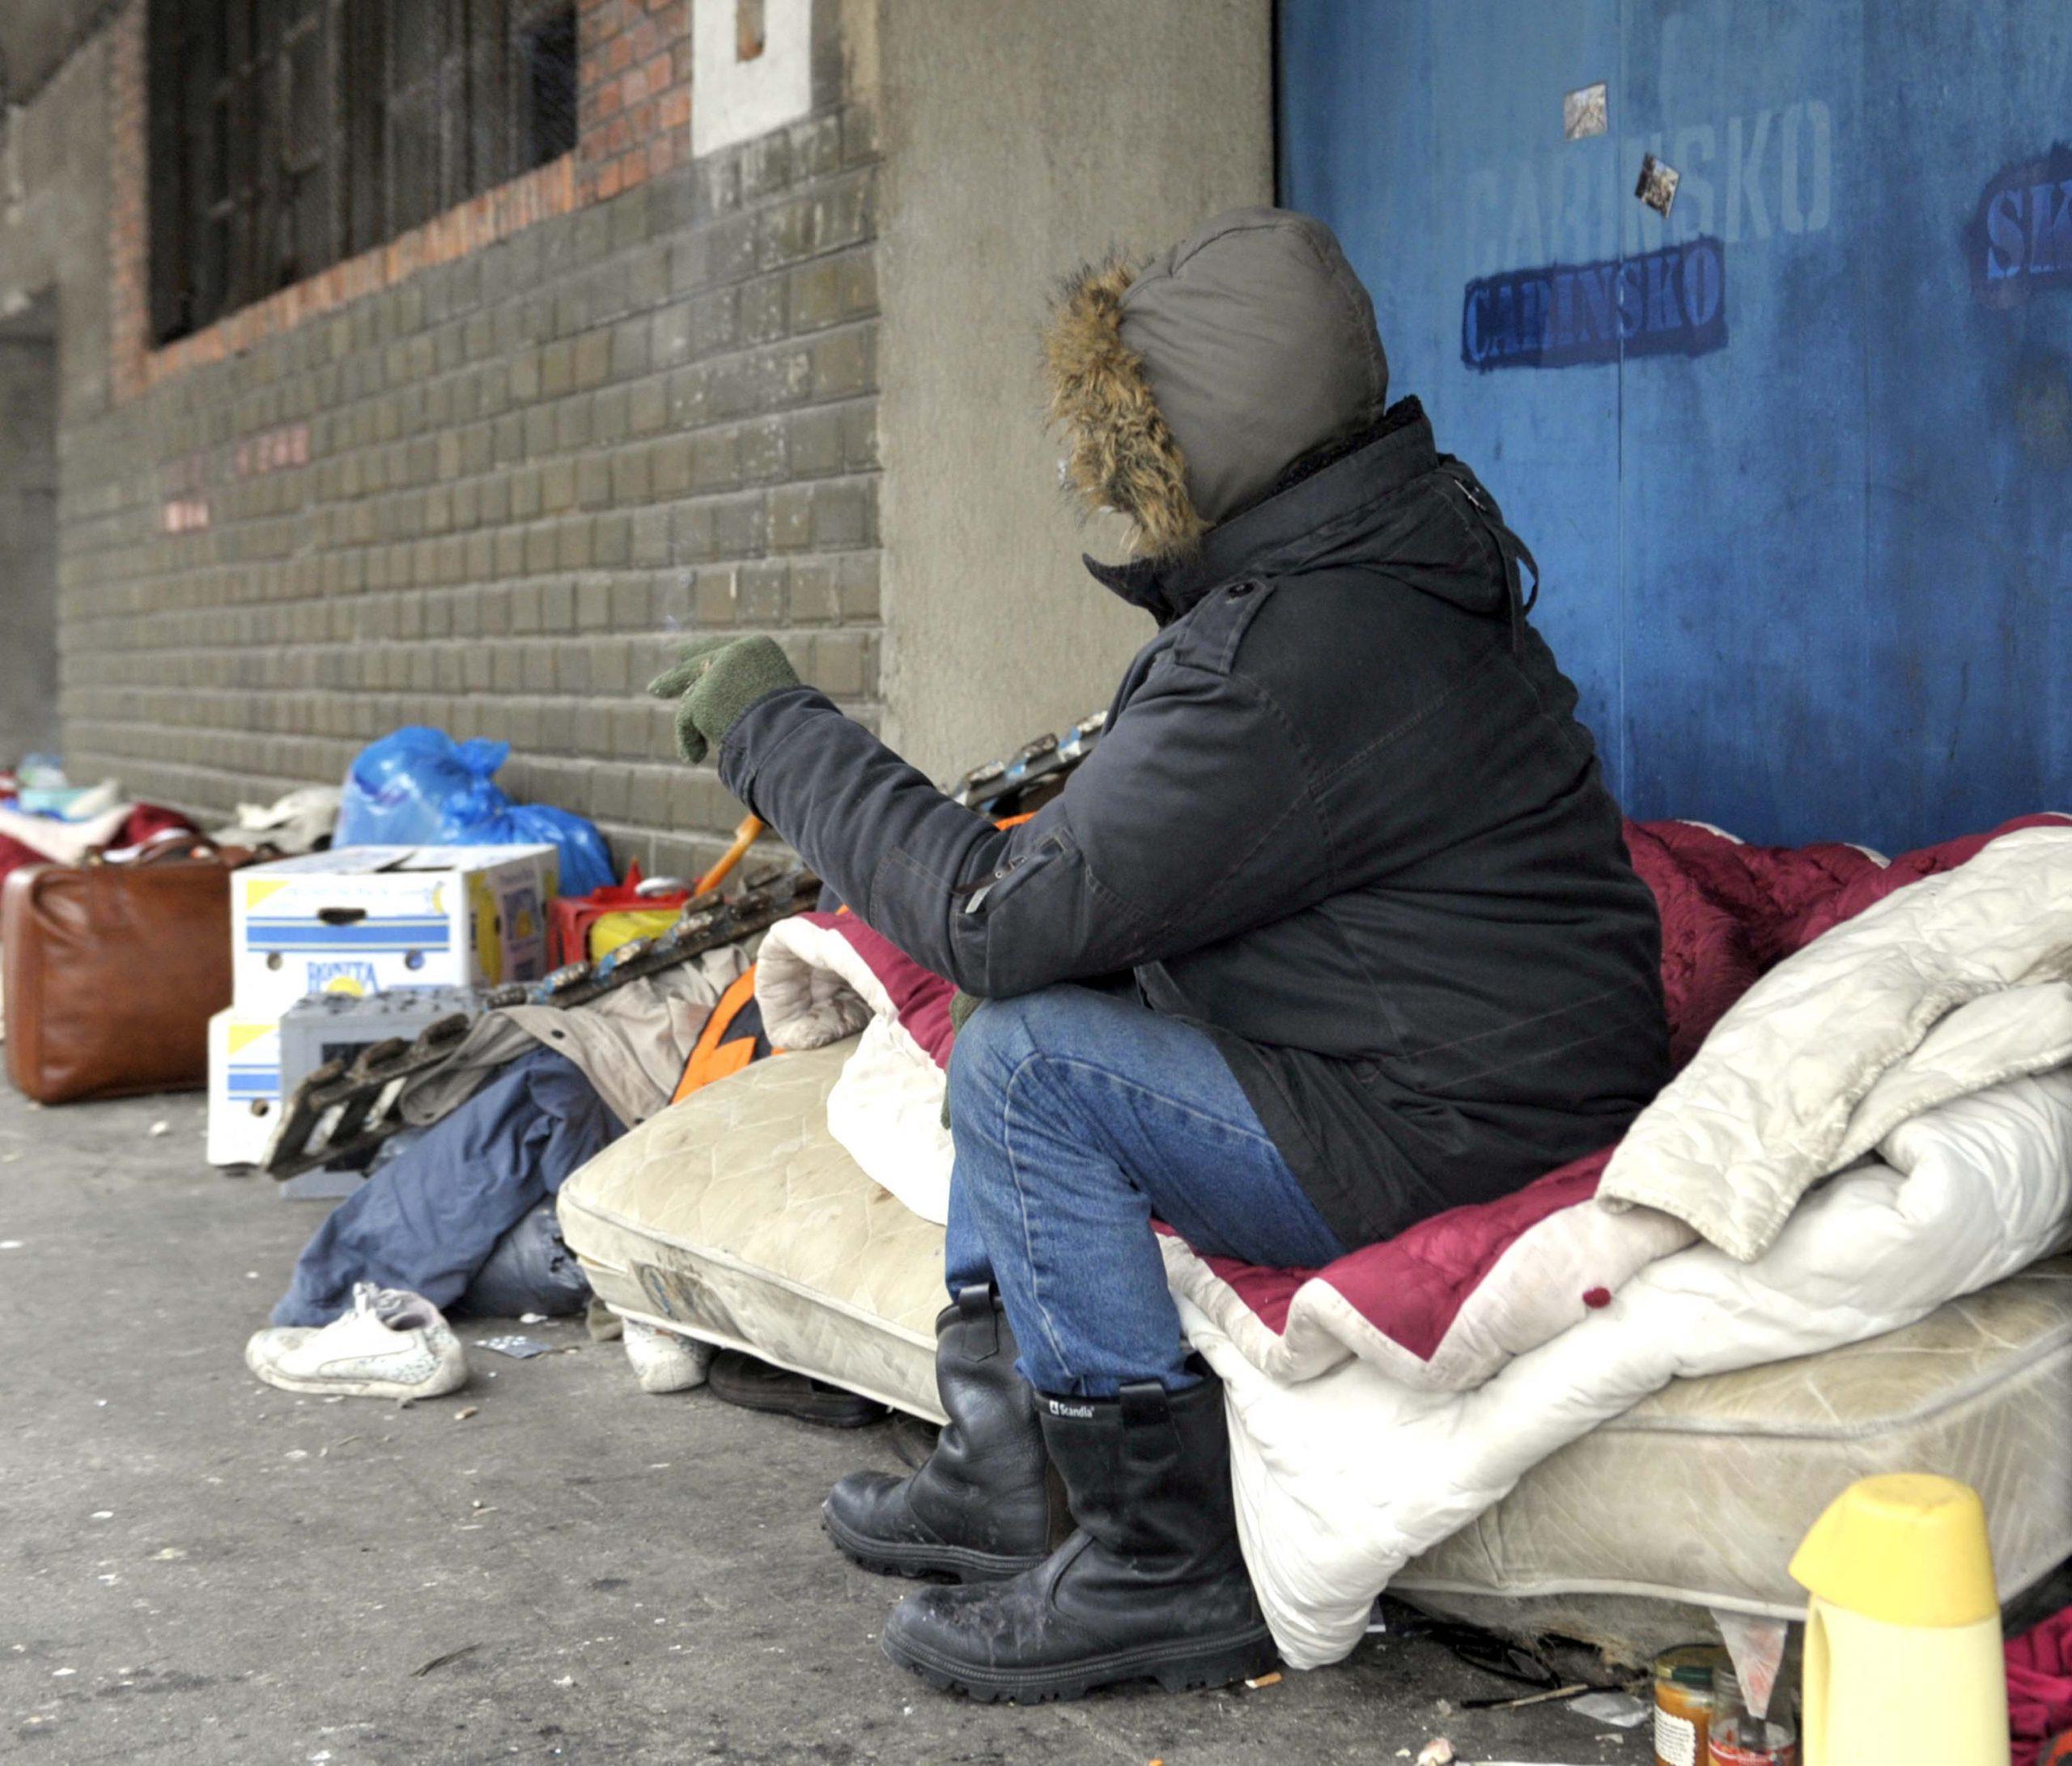 Riječki beskućnik Ramido zimske noći provodi na otvorenom / Foto Vedran KARUZA